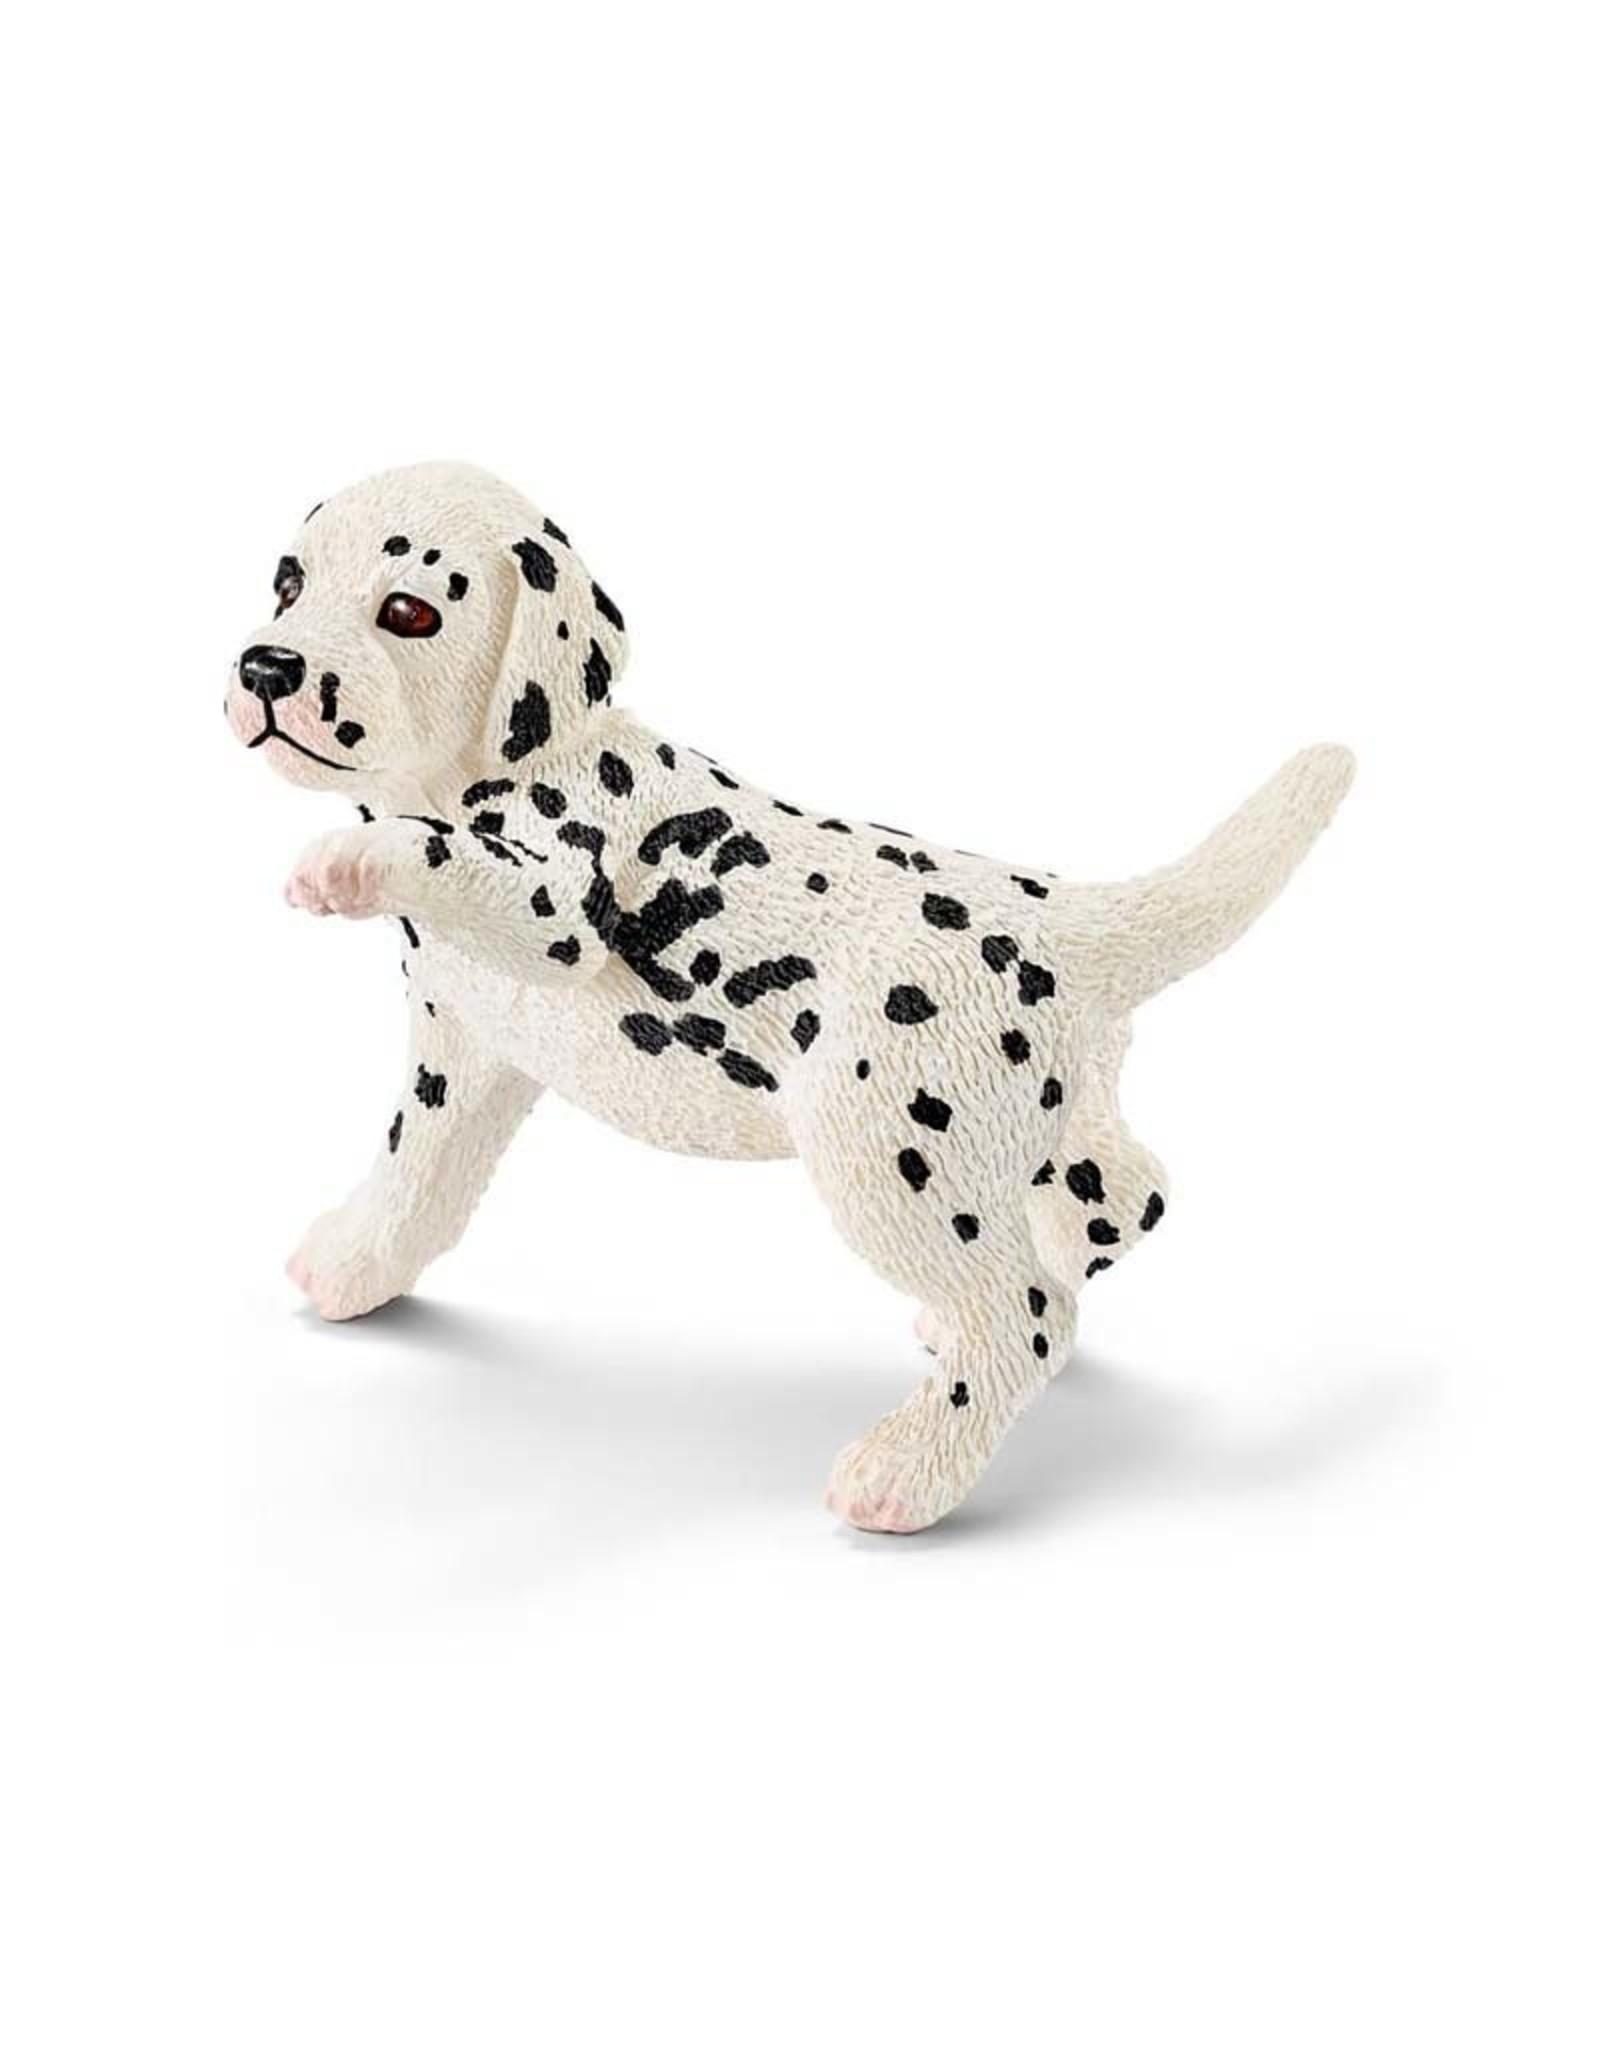 Schleich Schleich Dalmation Puppy